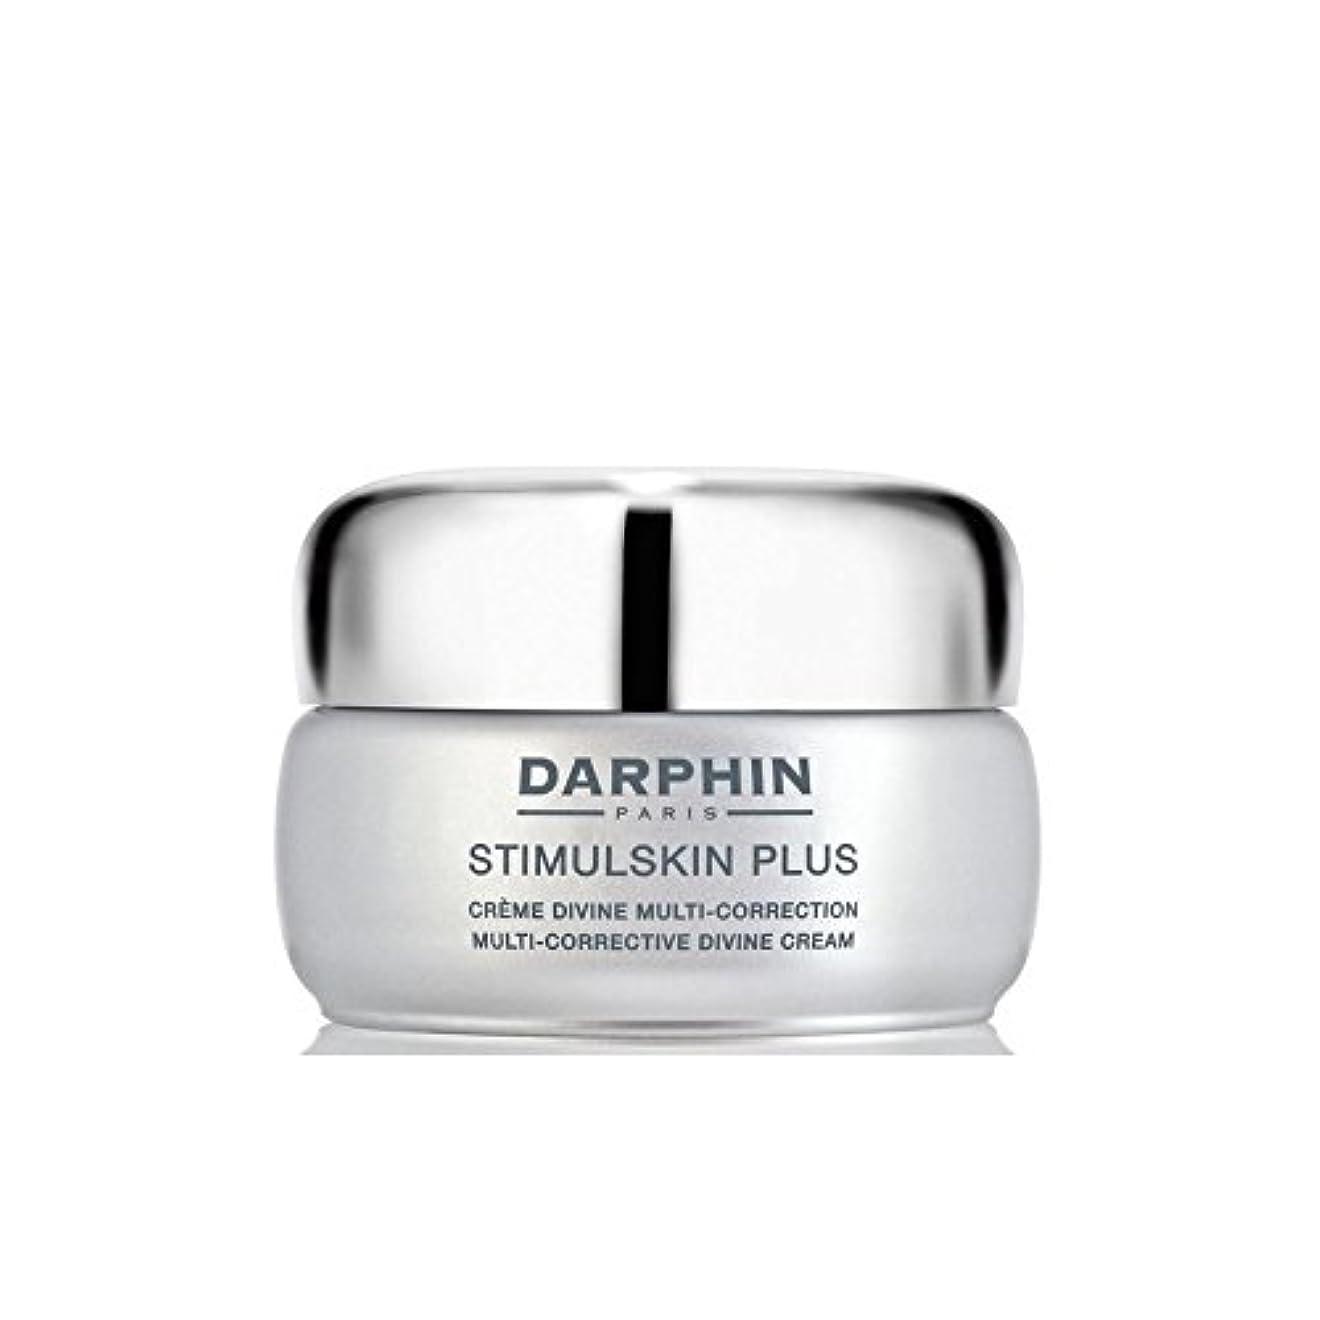 ソースキルト自発的ダルファンスティプラスマルチ是正神クリーム - 豊富 x2 - Darphin Stimulskin Plus Multi-Corrective Divine Cream - Rich (Pack of 2) [並行輸入品]